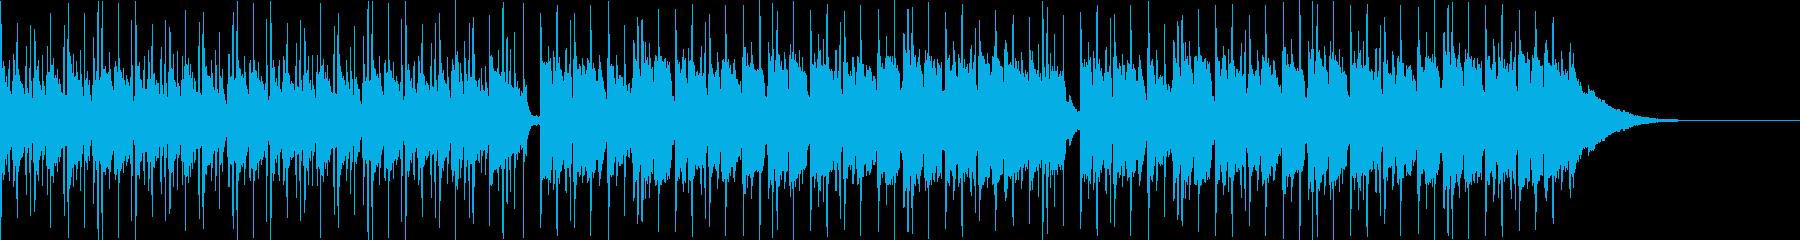 Pf「蒼空」和風現代ジャズの再生済みの波形